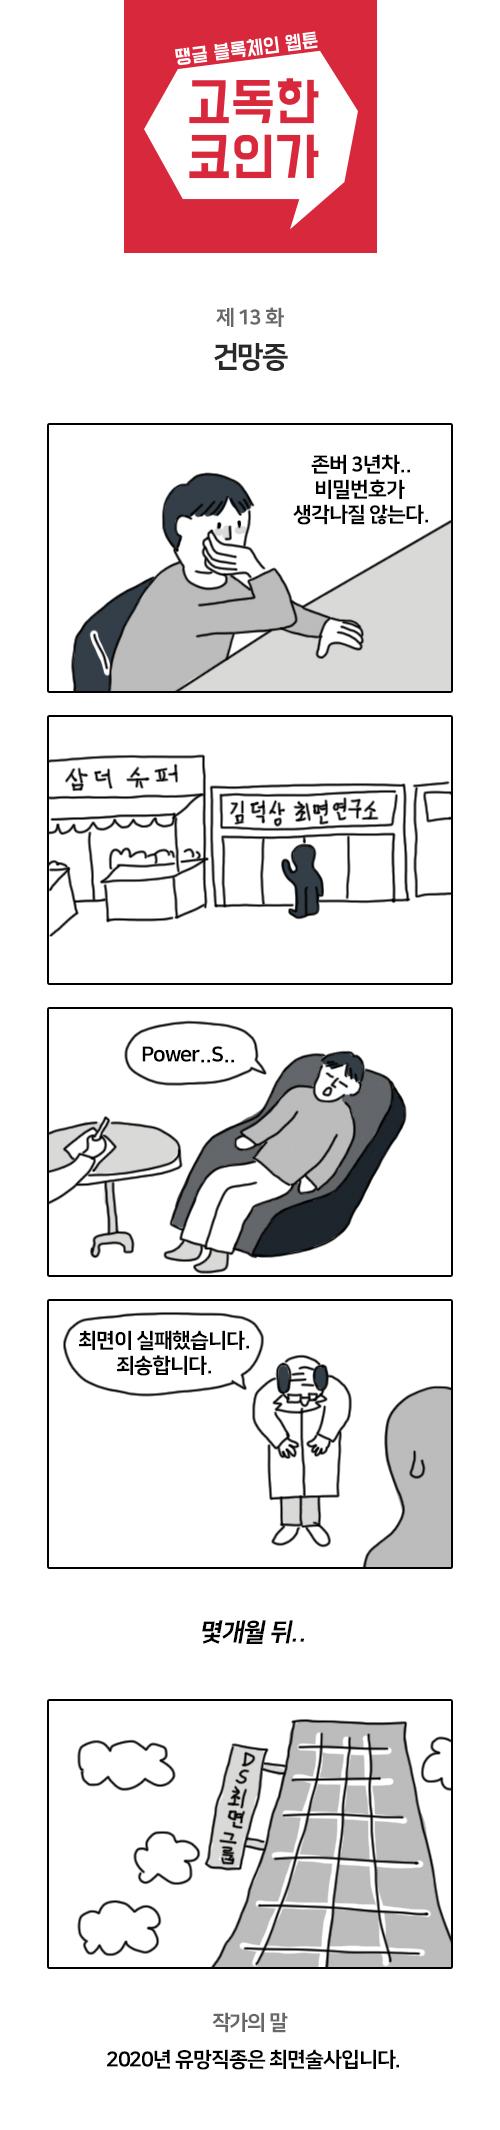 고독한코인가_13화.jpg